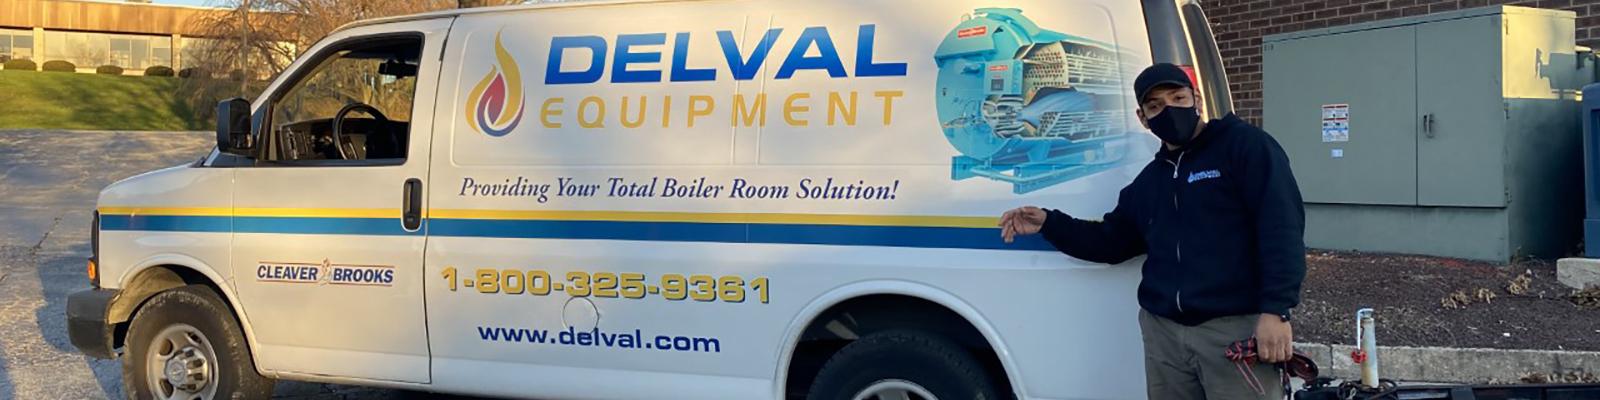 Delval Boiler Service Vehicle